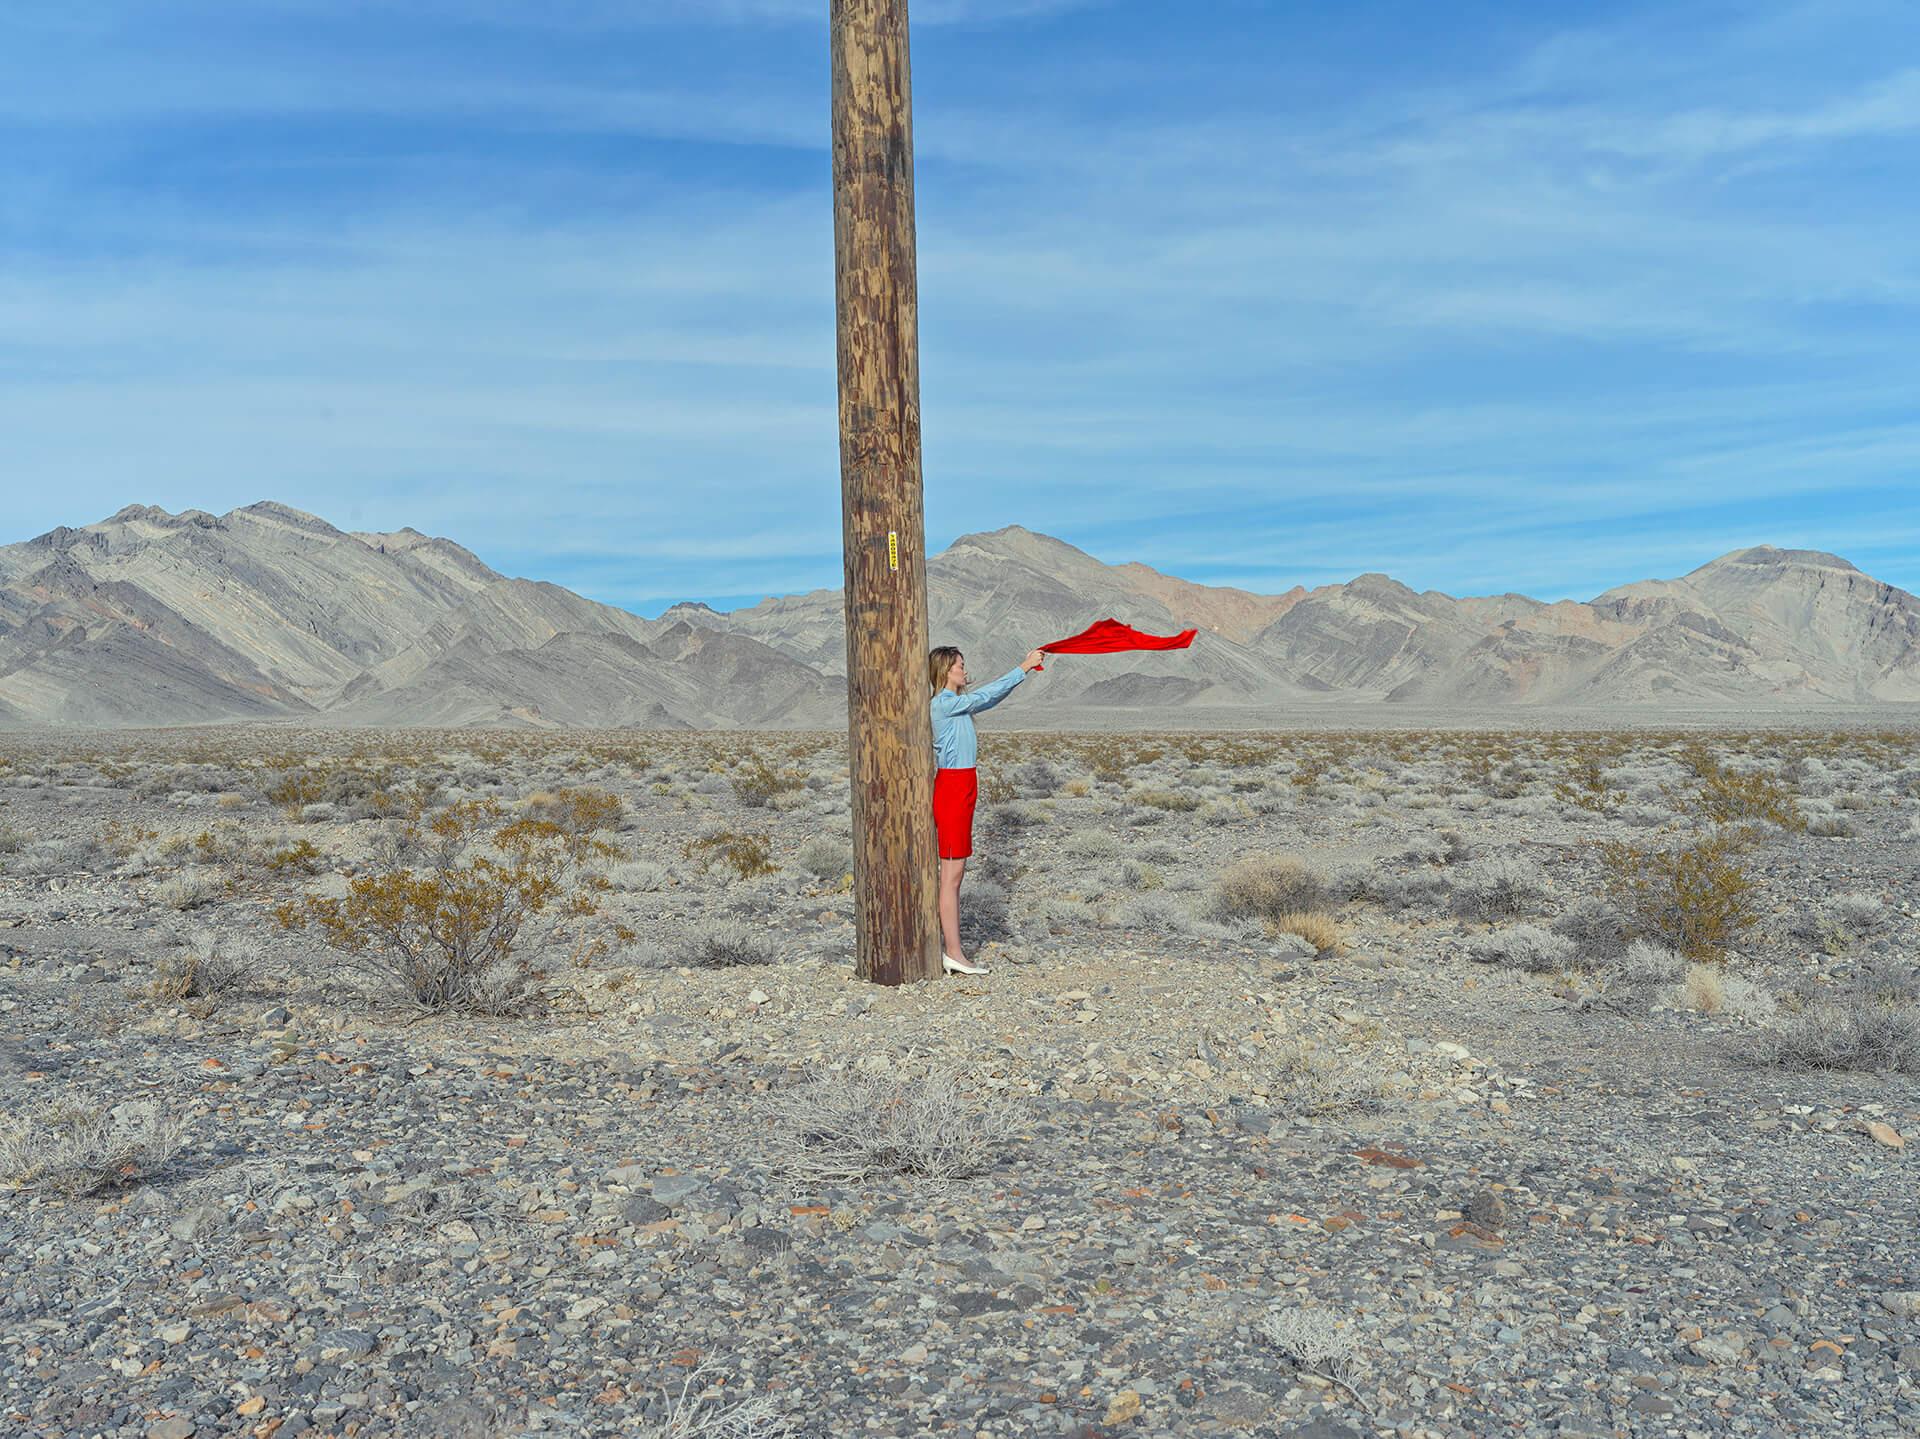 Jente med rødt skjerf